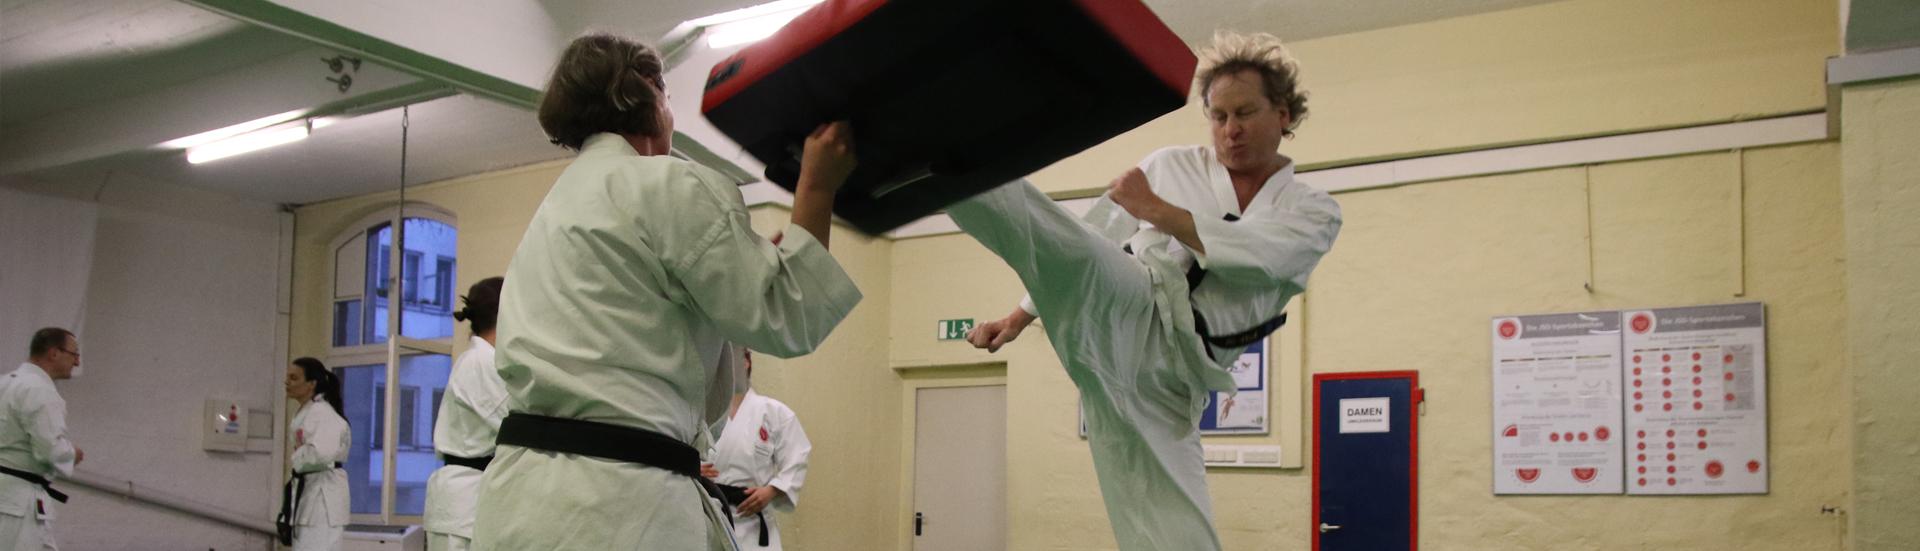 Banner_karate1_start_1920px_Breite